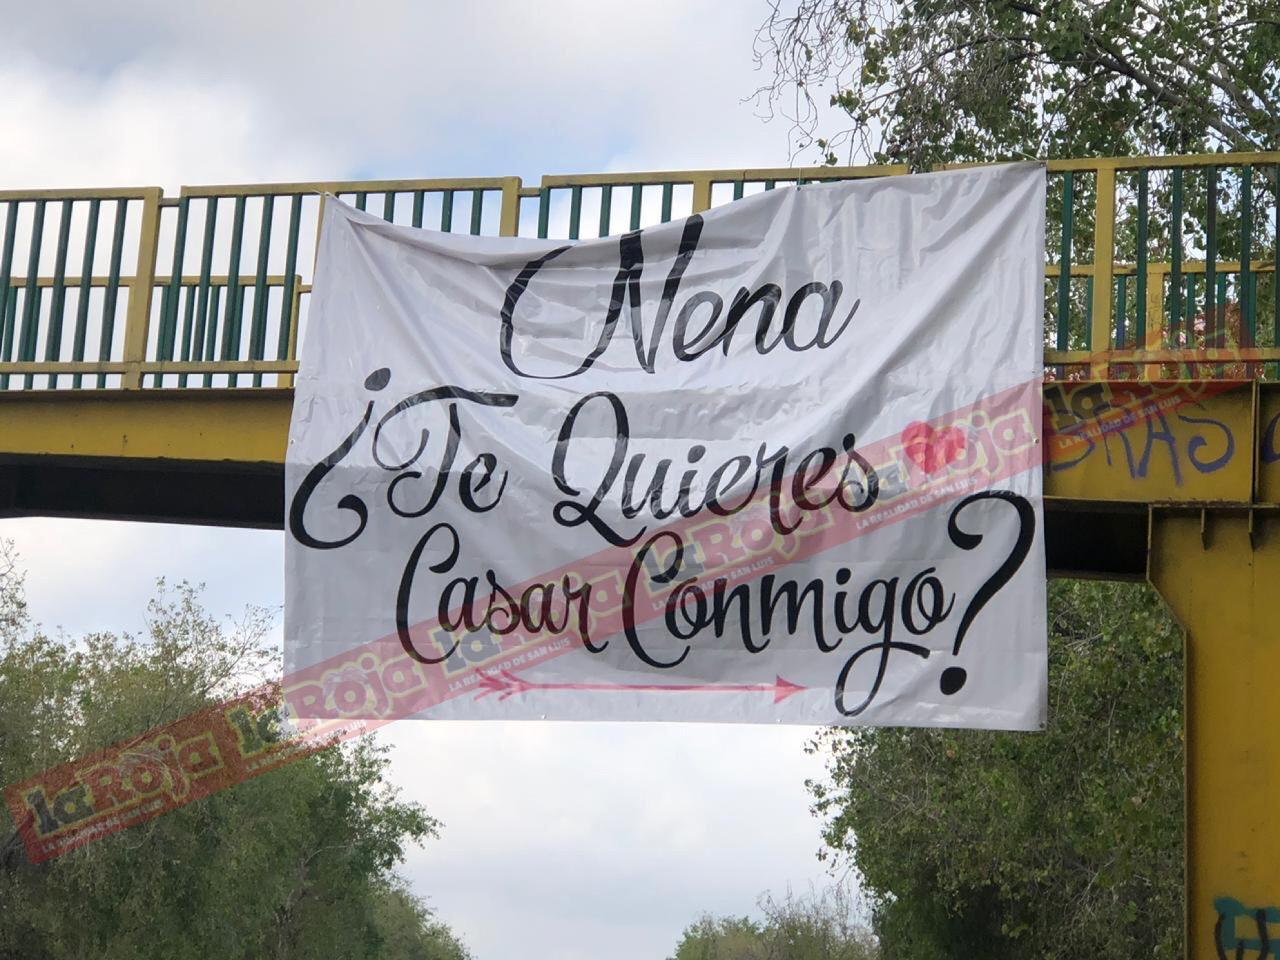 Aparece extraña lona con frase de amor en puente peatonal de Río Santiago